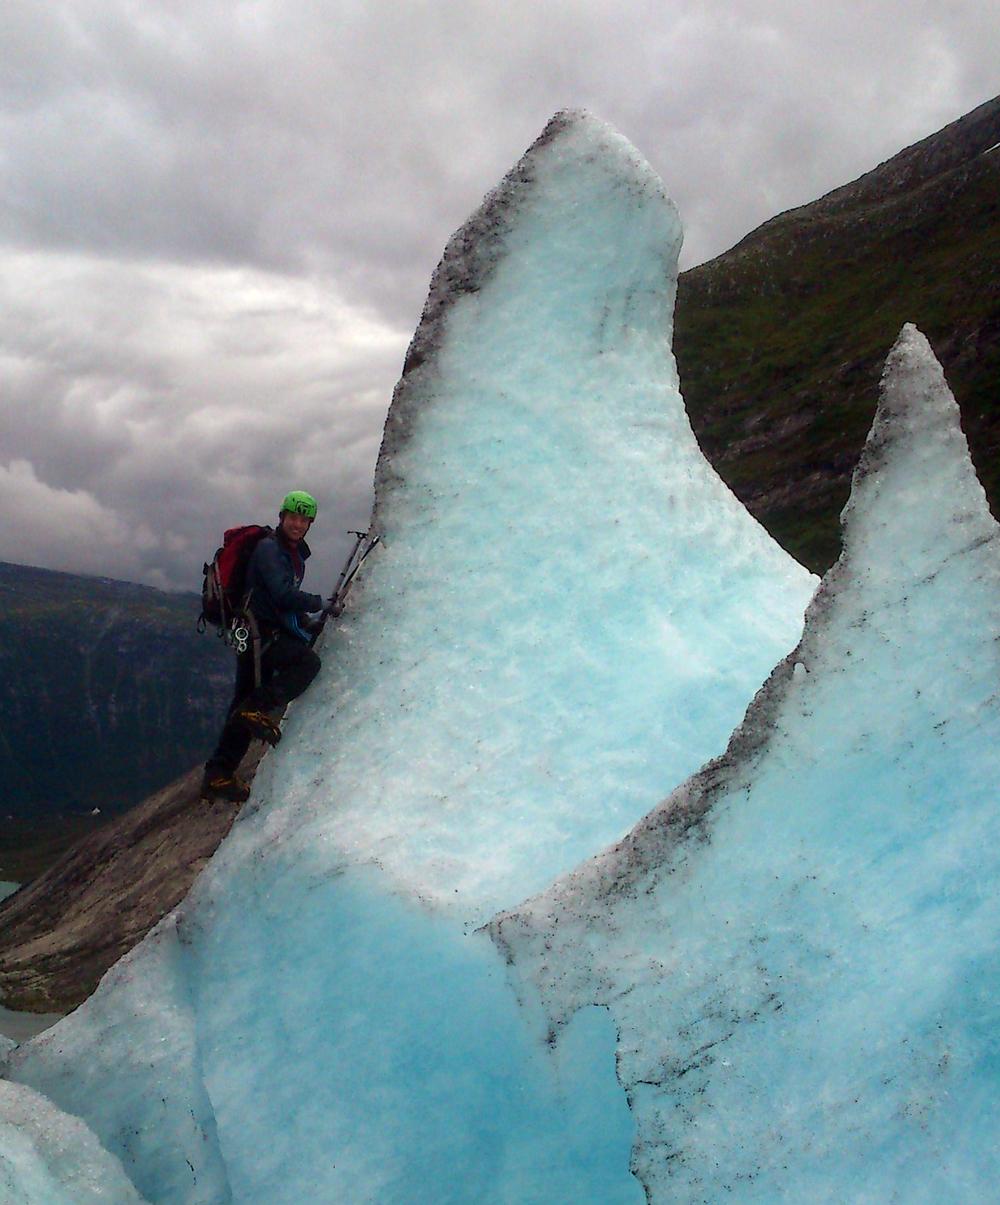 Sjølvaste Mountaingoaten på veg opp ein is-pinakkel på breen. Foto: Gaute D. Bøyum.